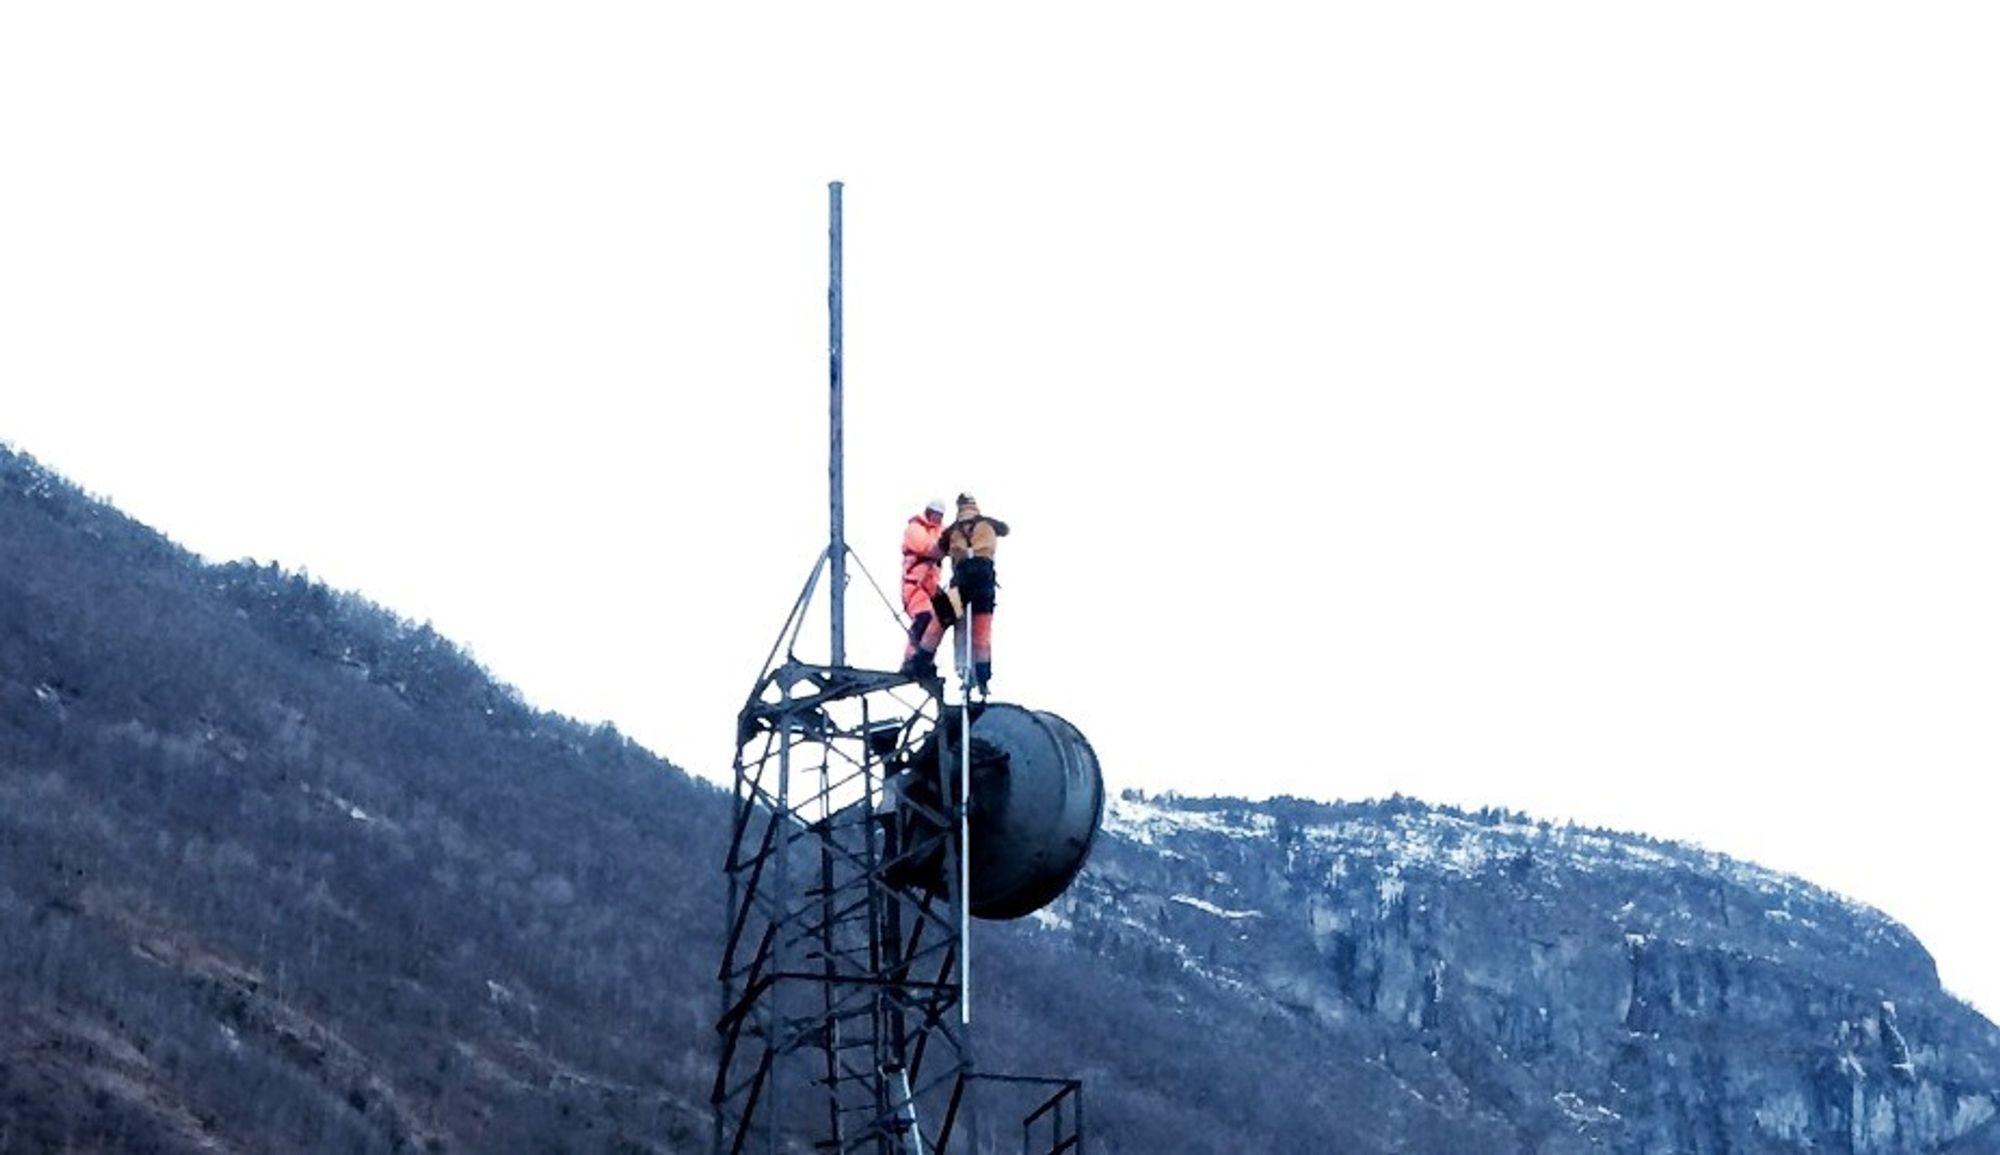 Mannskap fra Eltel strekker kabler fra Telenors mobile container og opp i mobilmasten som overlevde storbrannen i Lærdalsøyri.